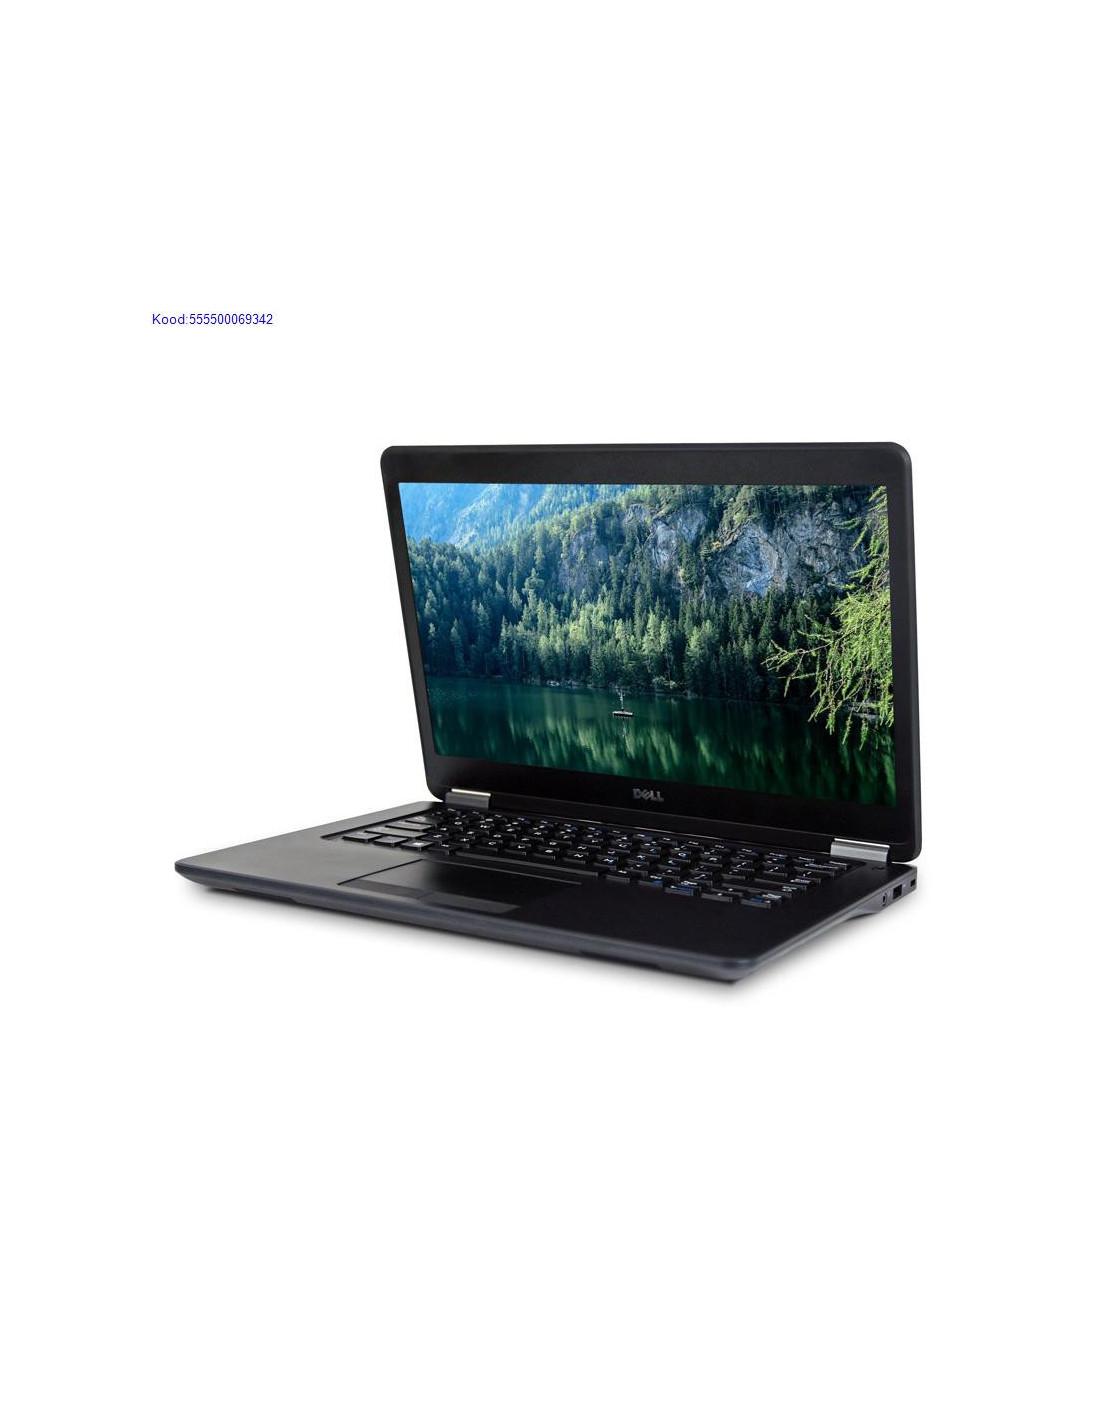 DELL Latitude E7450 with SSD hard drive